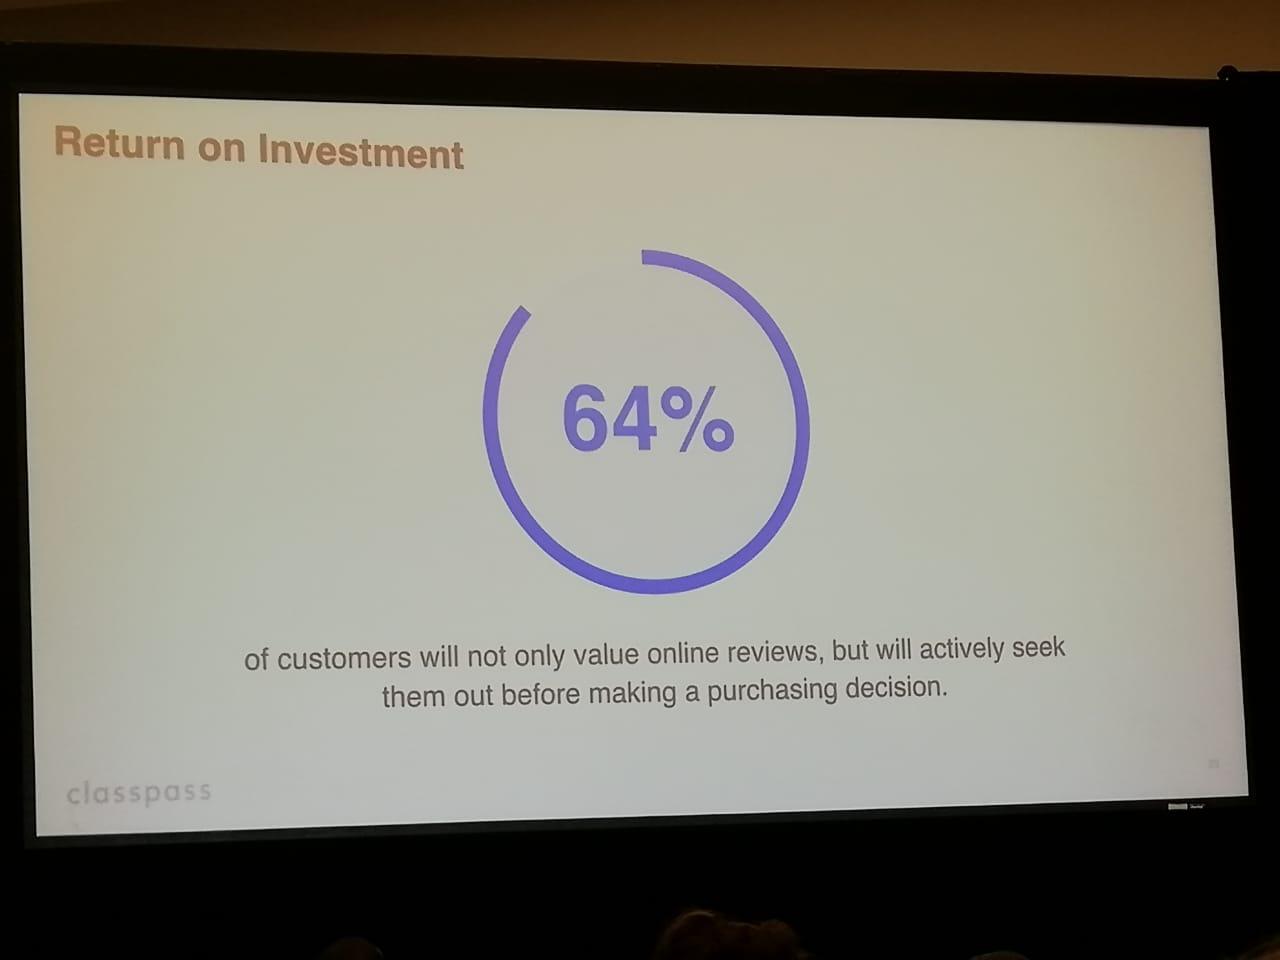 64% de los usuarios buscará activamente las reseñas en línea antes de tomar una decisión de compra